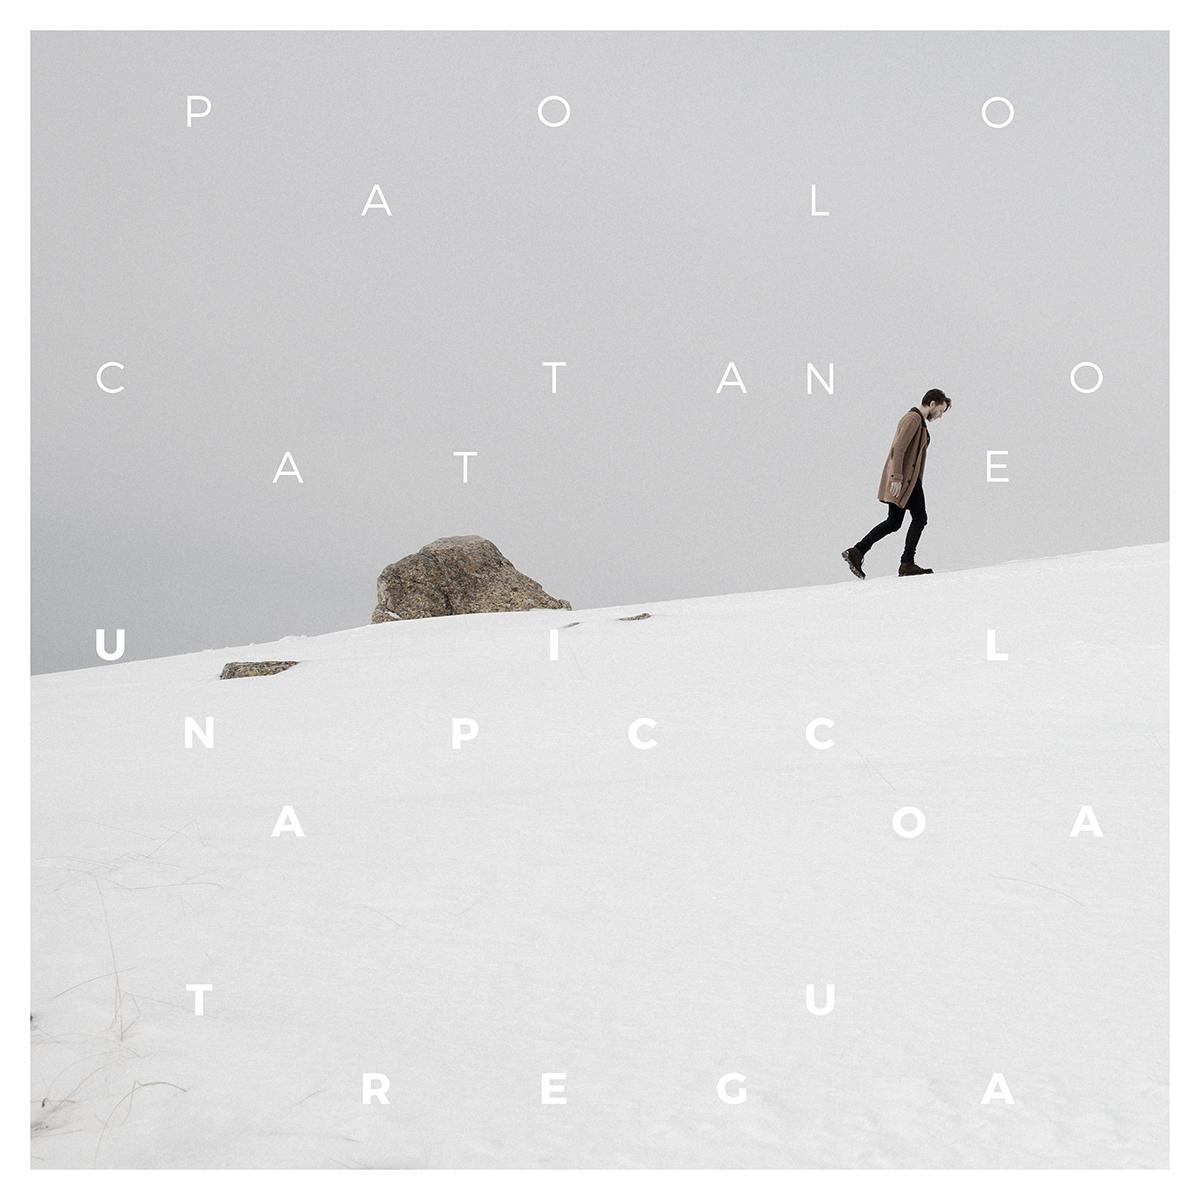 PAOLO CATTANEO - UPT - COPERTINA QUADRA